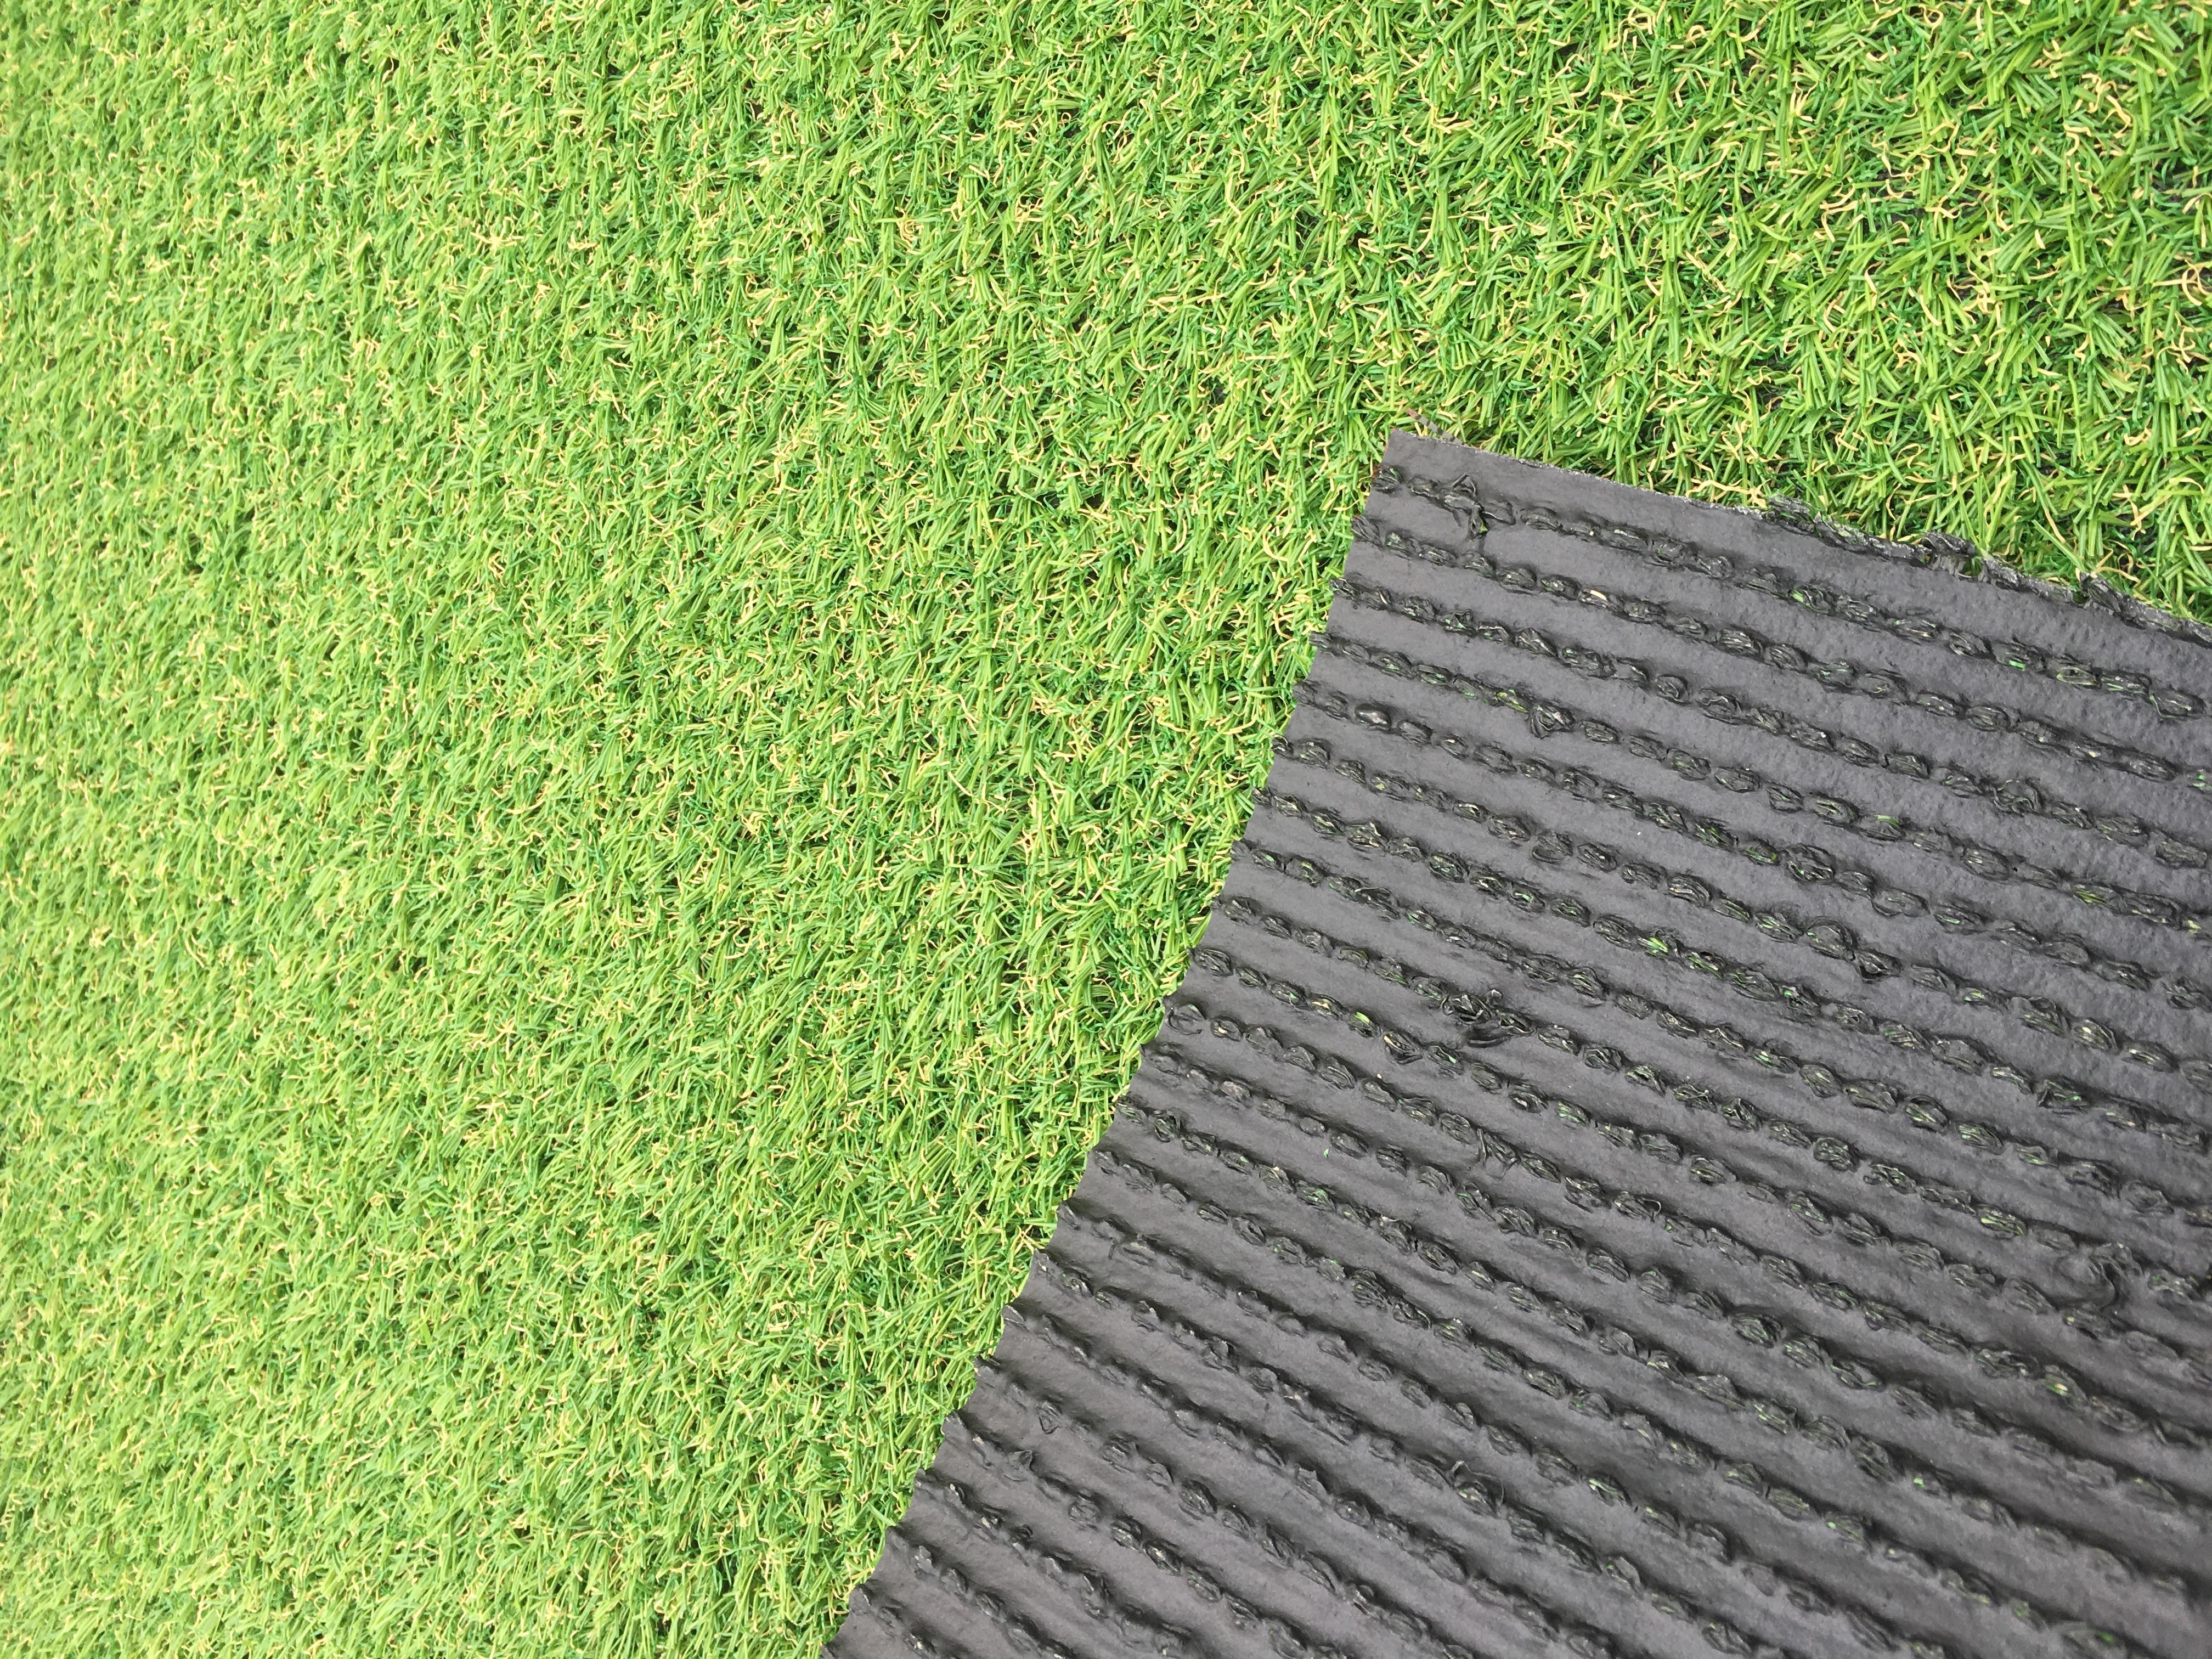 Covor Iarba Artificiala, Tip Gazon, Verde, Natura, 100% Polipropilena, 10 mm, 300x400 cm2